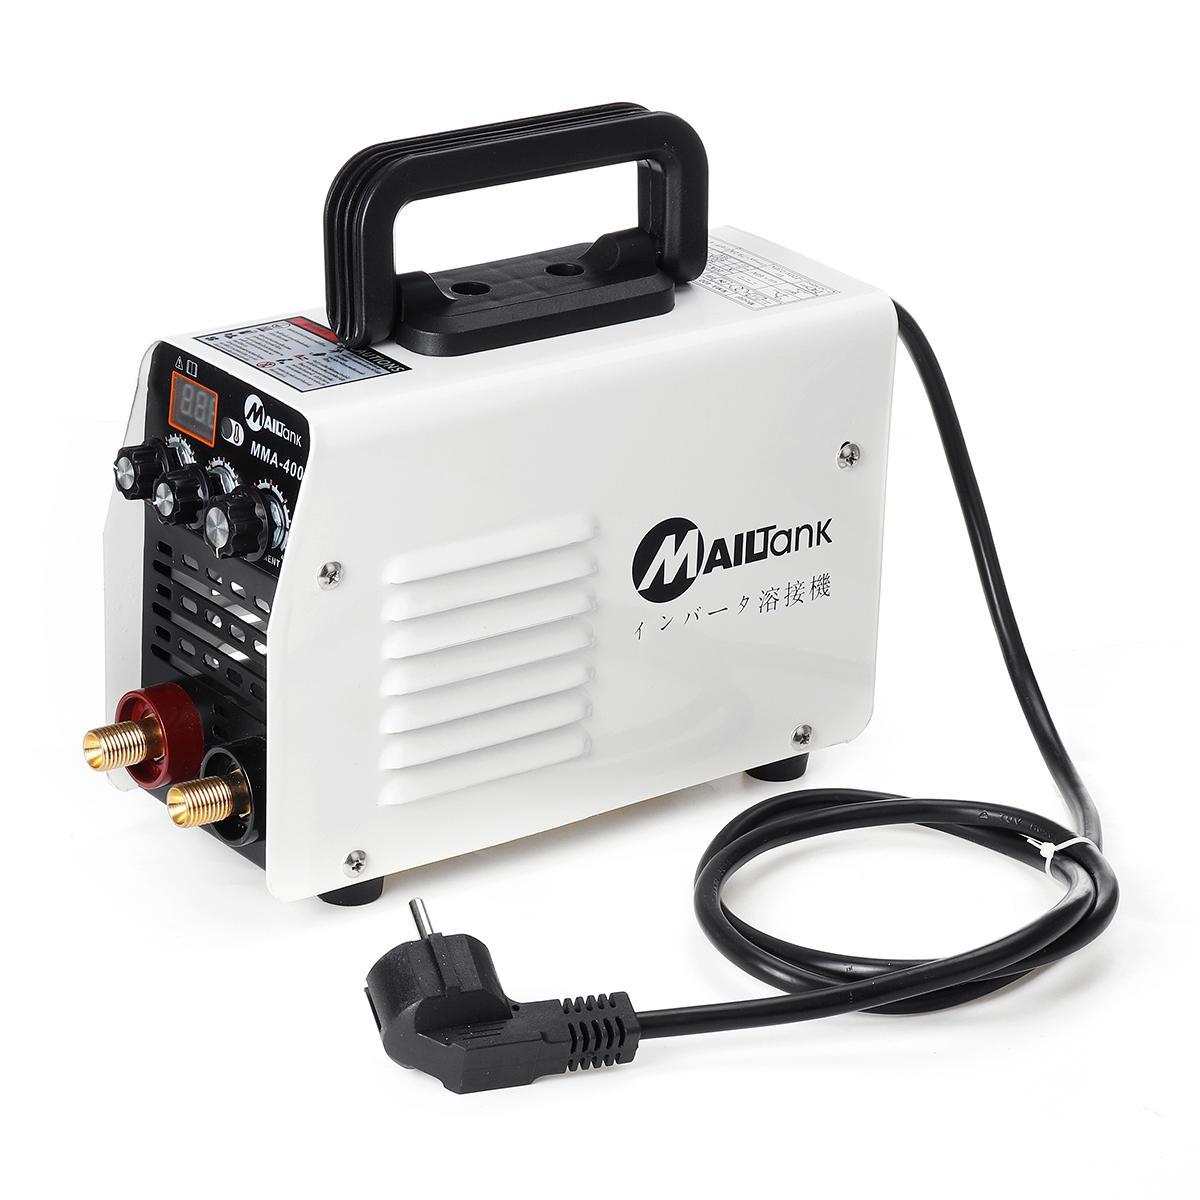 MMA-400 220V Hot Start/ARC Force Stick Welder Inverter IGBT 20-400A MMA Welding Machine